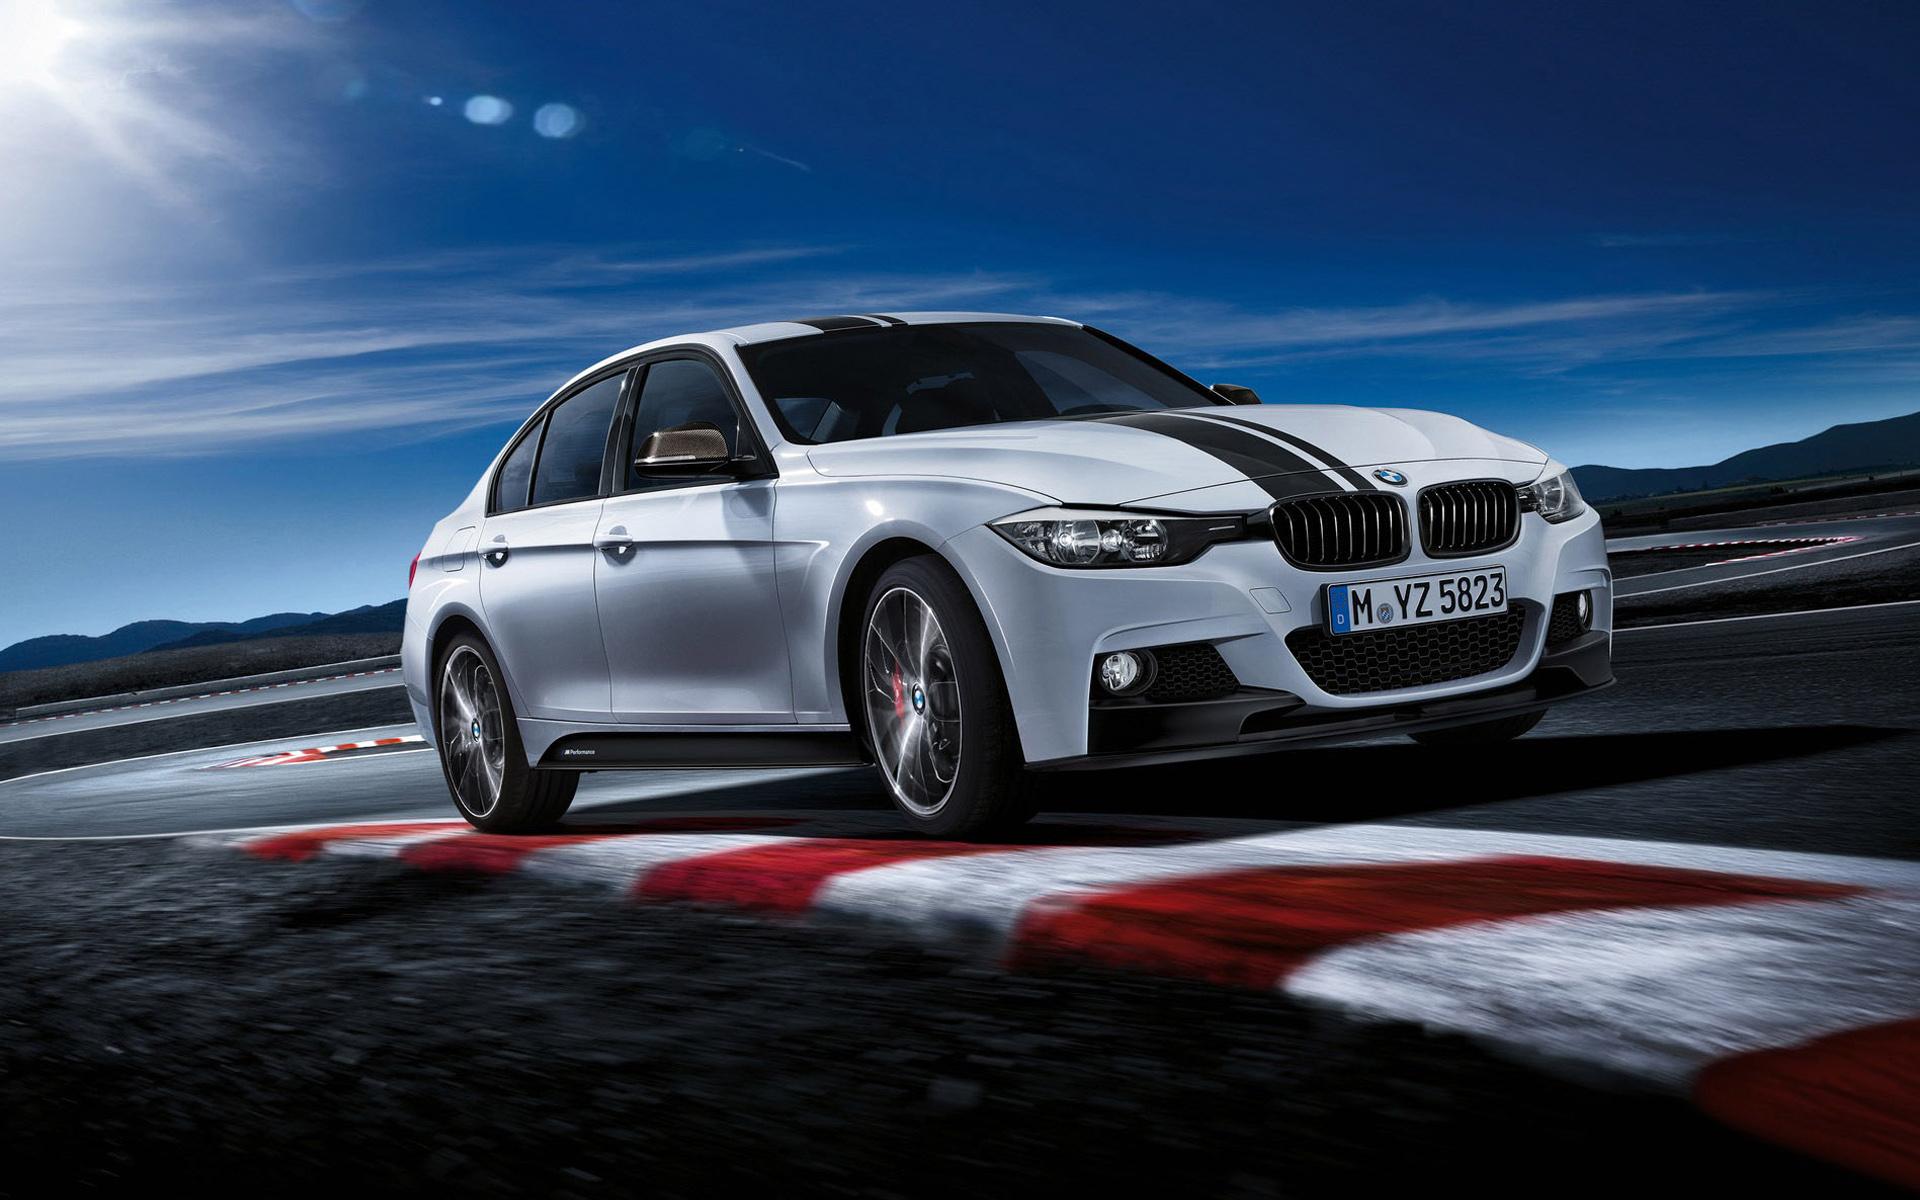 BMW F30 3 Series M Performance Wallpaper HD Car Wallpapers ID 1920x1200